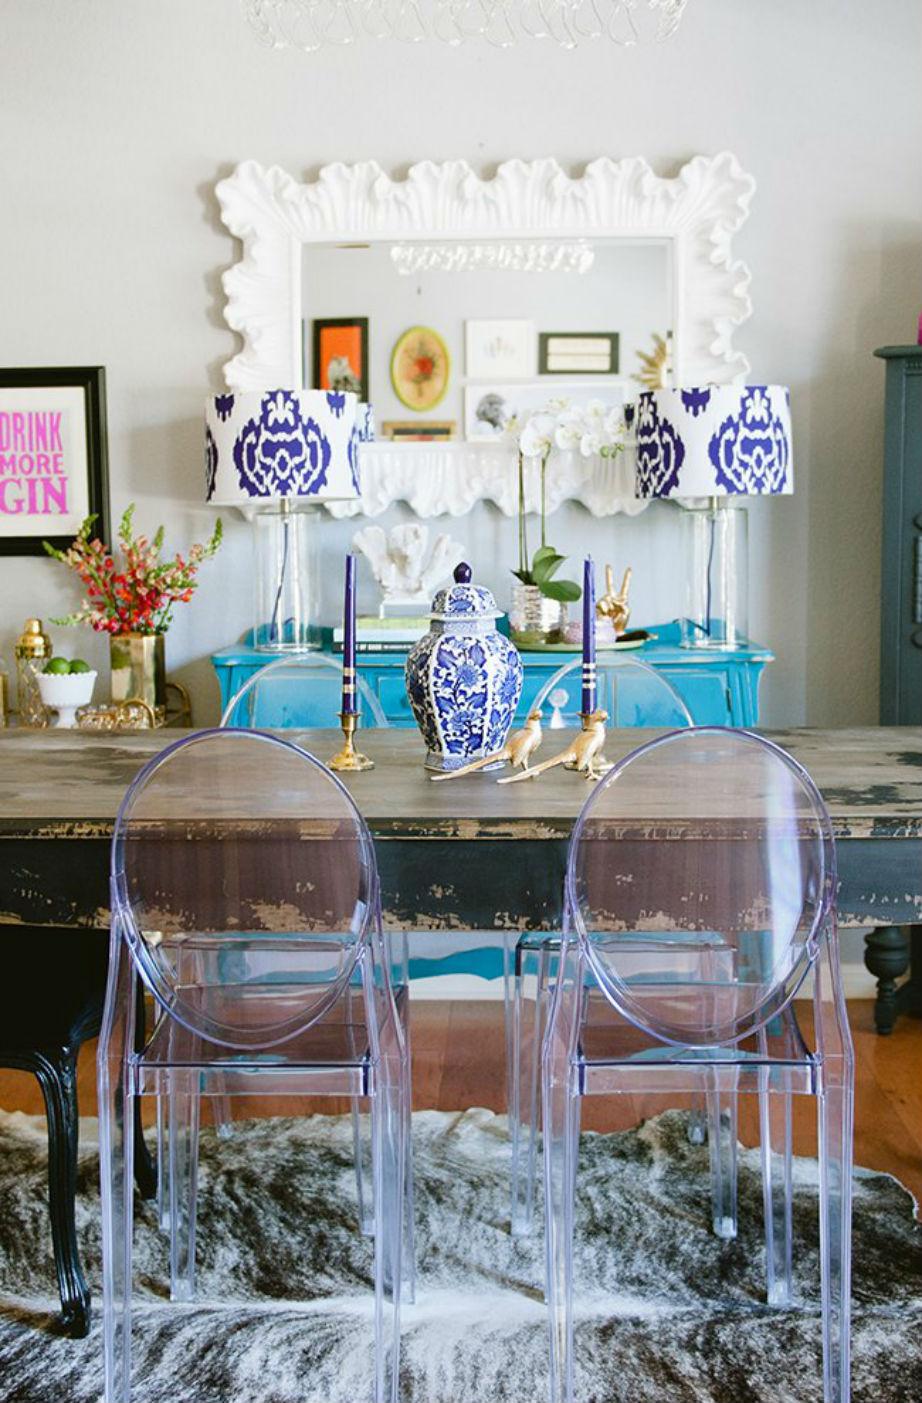 Οι καρέκλες της τραπεζαρίας αποτελούν ευγενική χορηγία καλύτερης της φίλης!